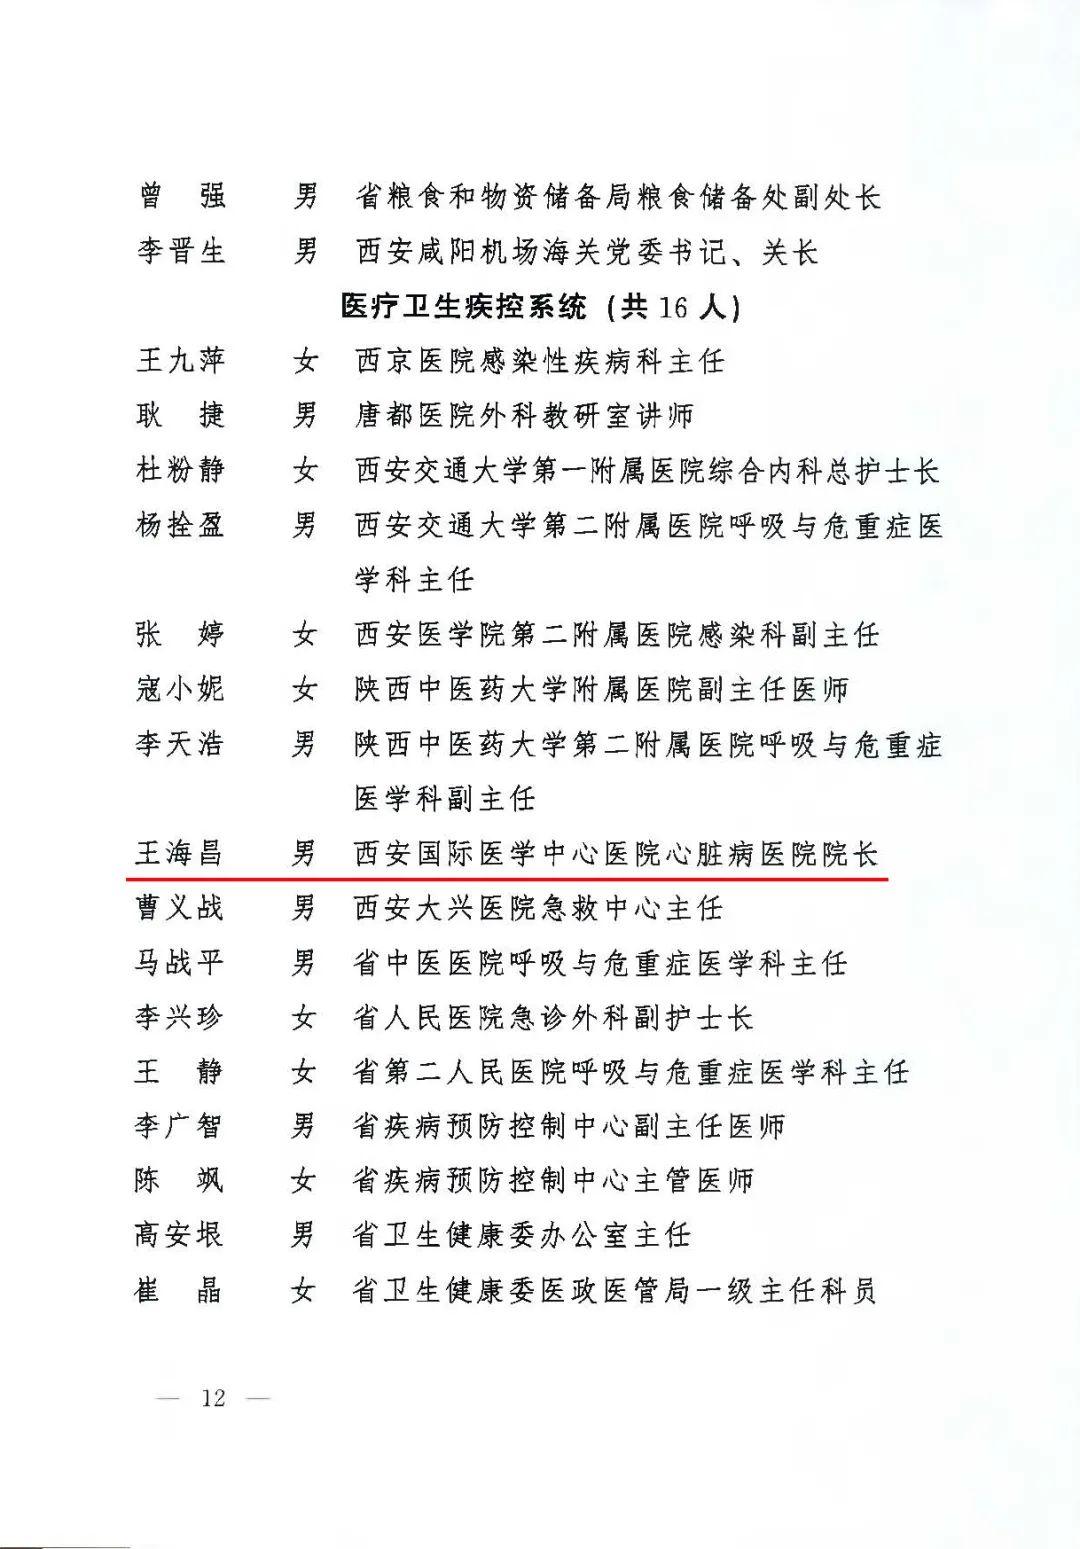 我院王海昌教授被评为「陕西省优秀共产党员」